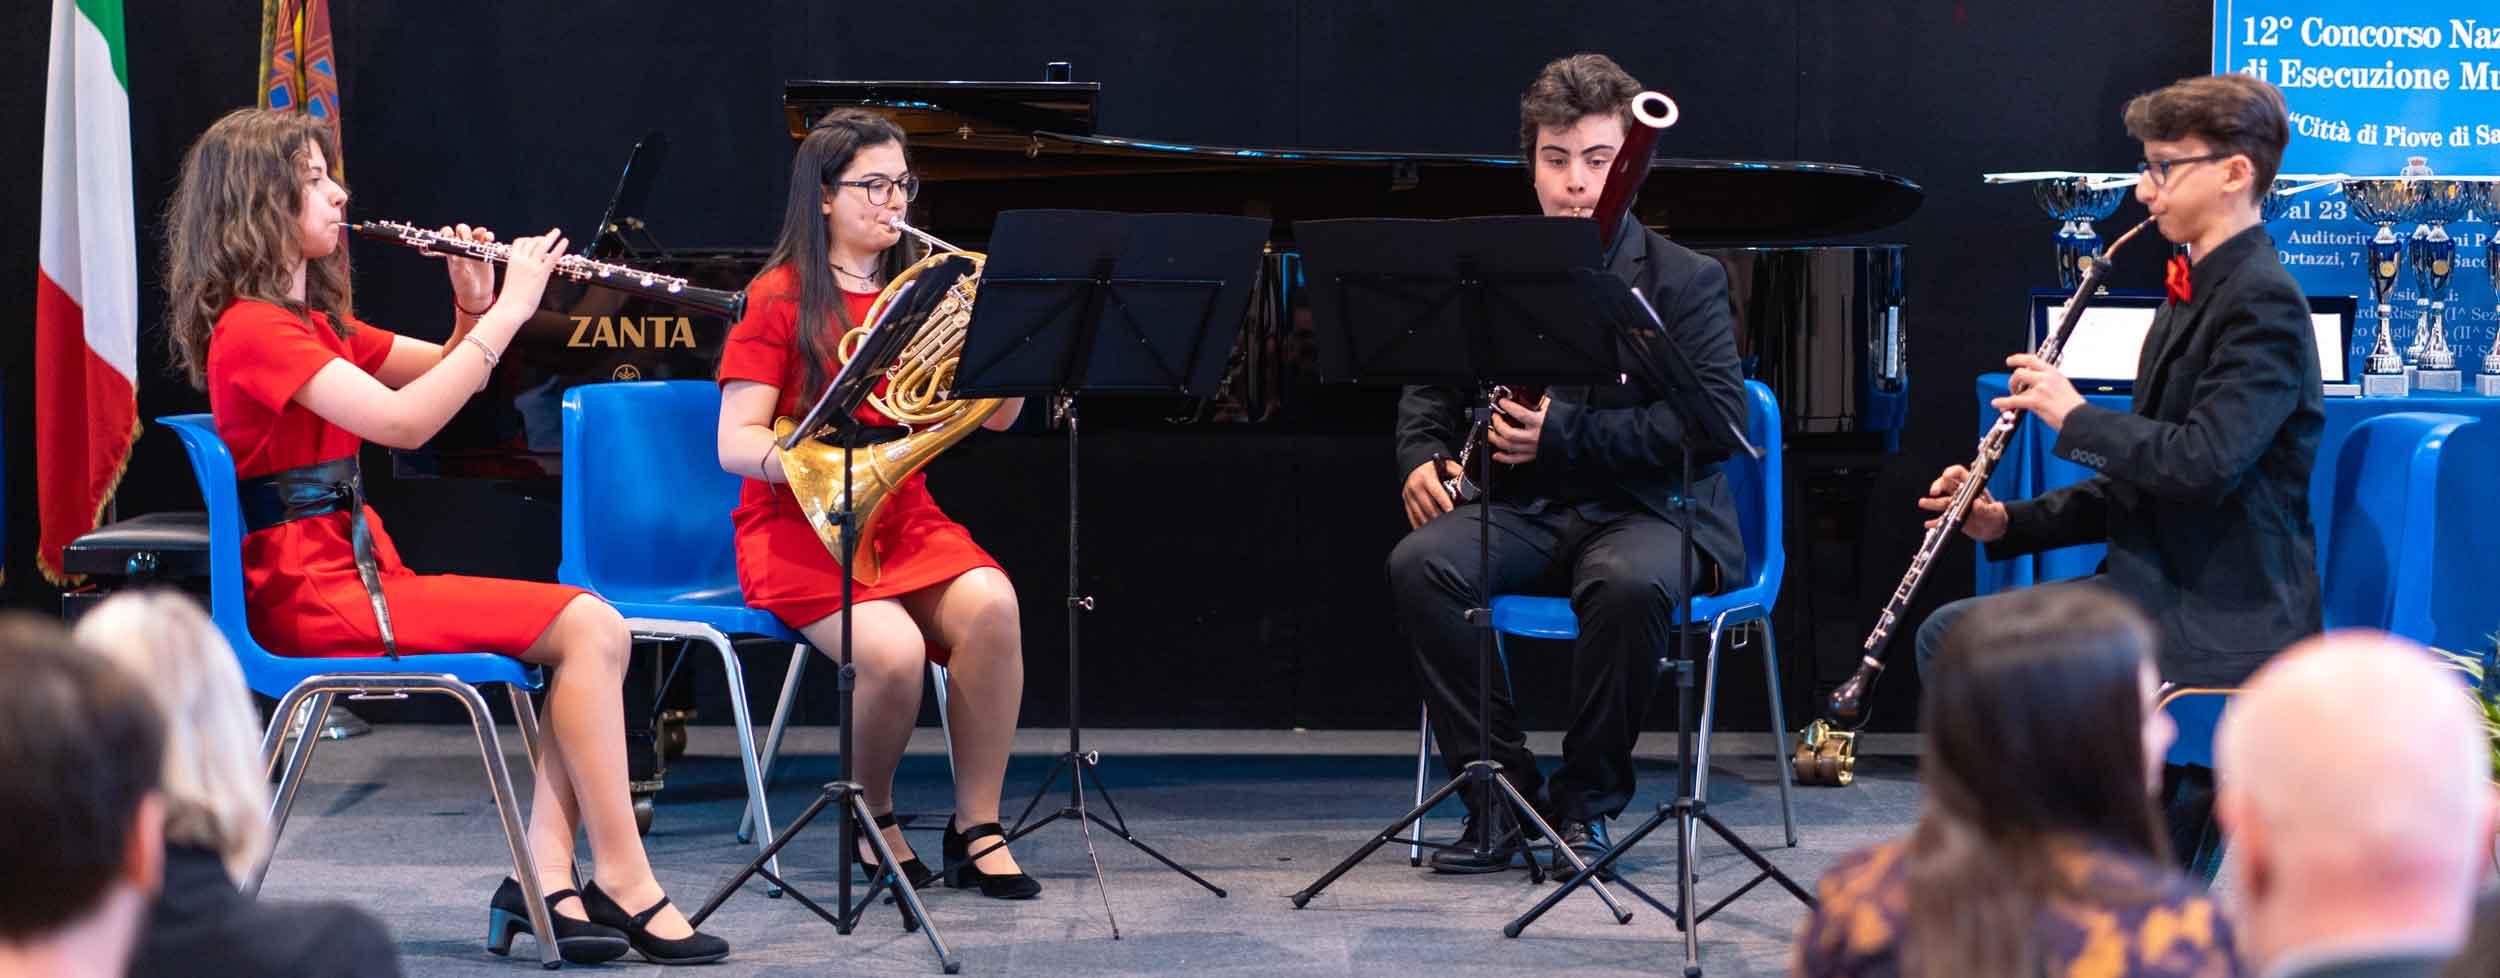 Concerto_Premiazione_concorso_Piove_di_sacco_2019